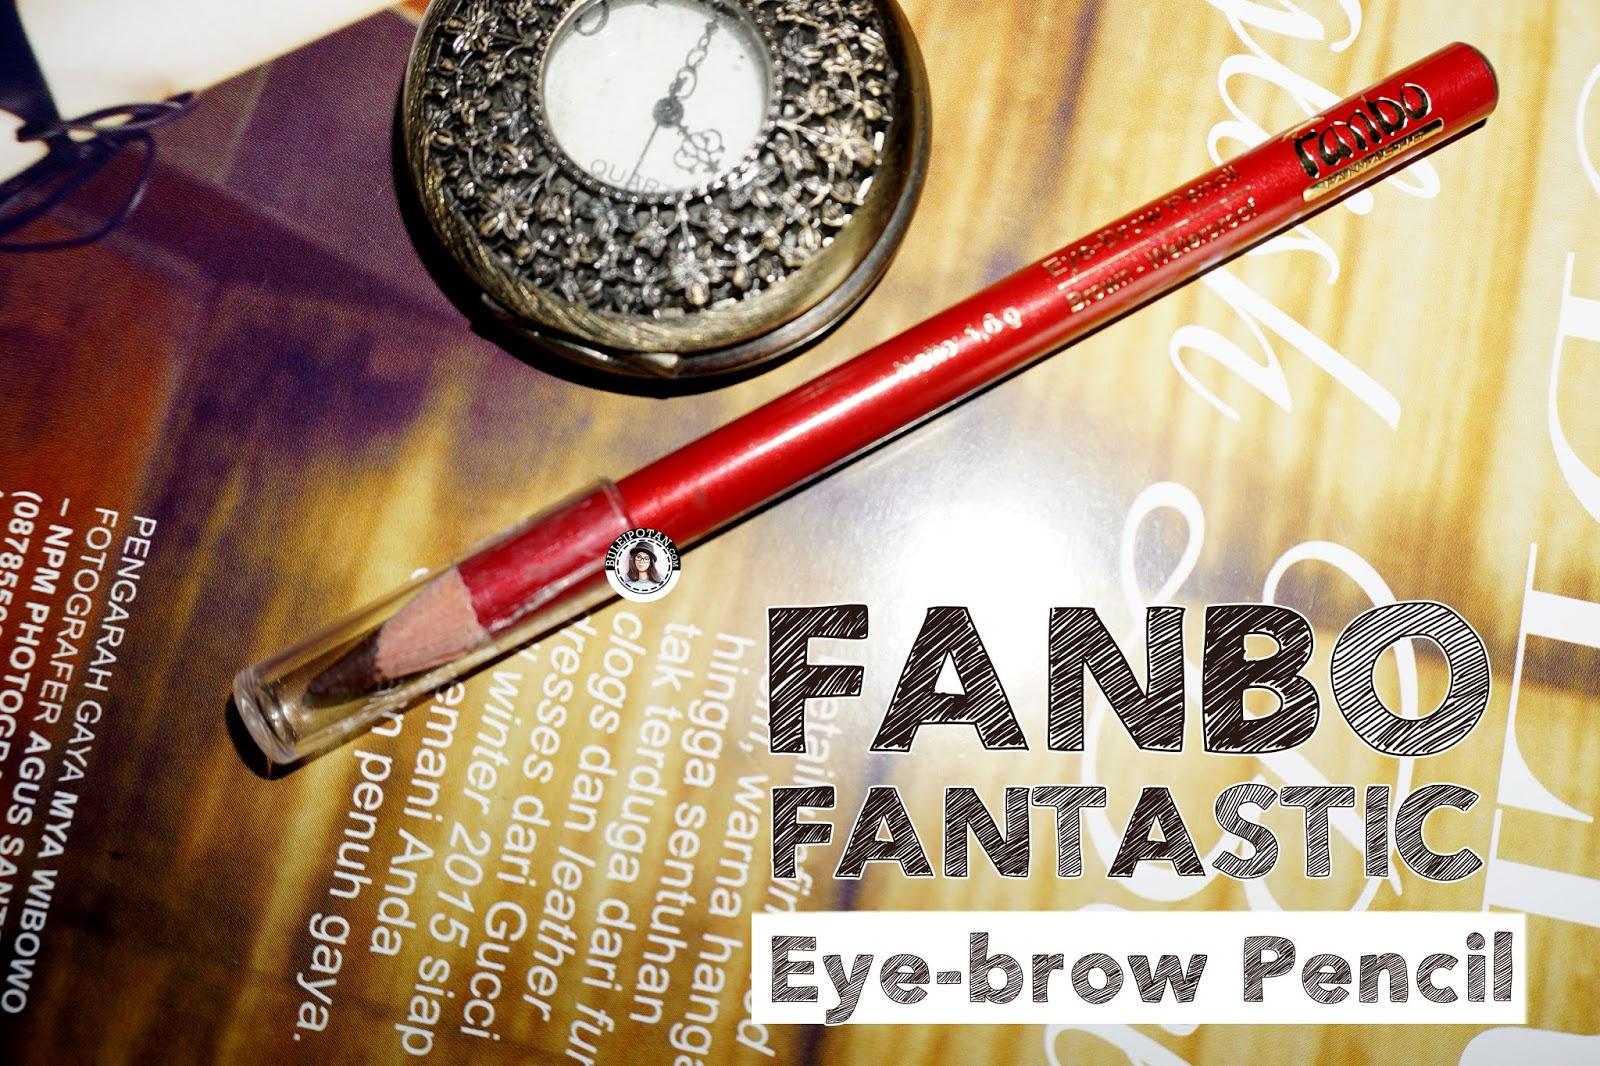 Produst Review Koleksi Pensil Alis Yang Terjangkau Kantong Pixy Eyebrow Brown Fanbo Fantastic Pencil